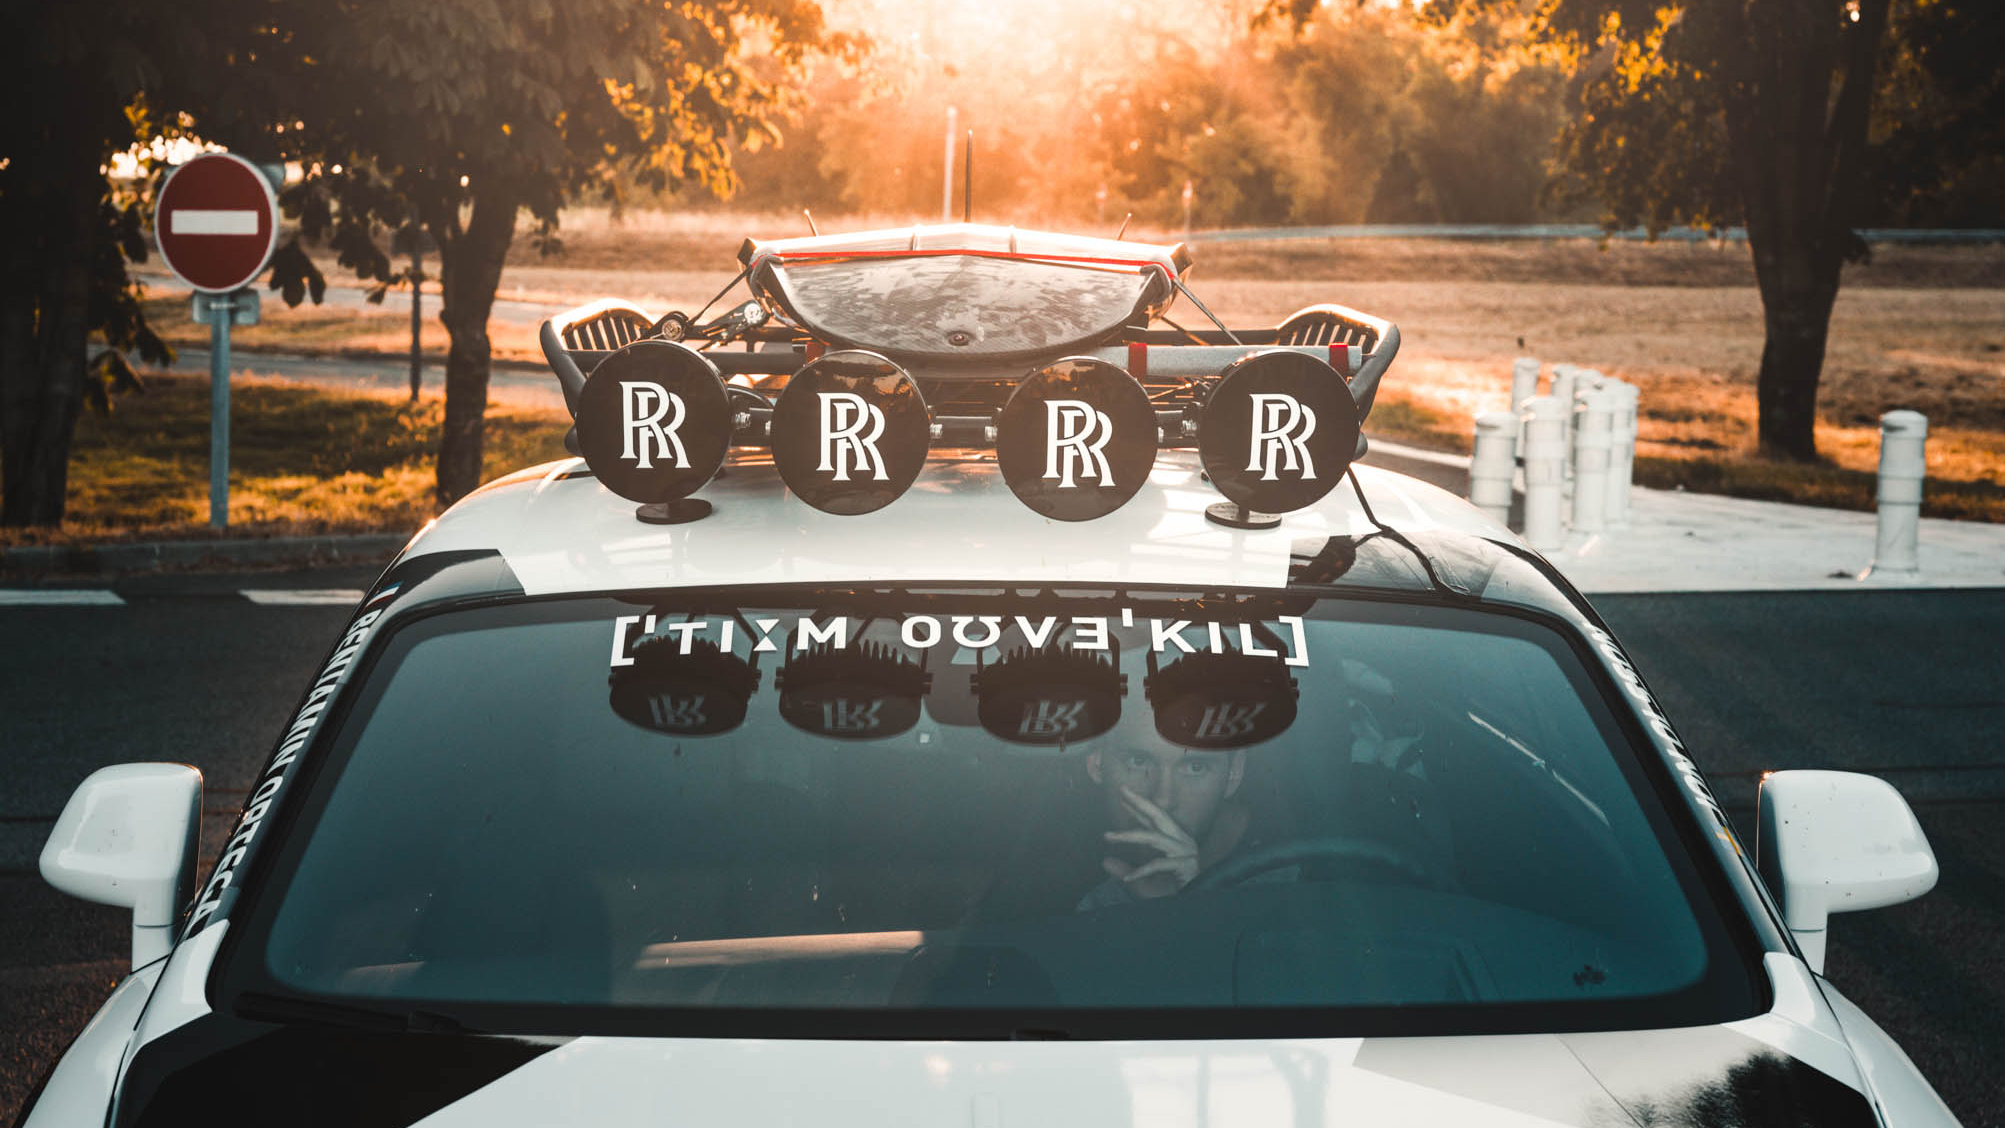 Rolls Royce Wraith custom build roof rack